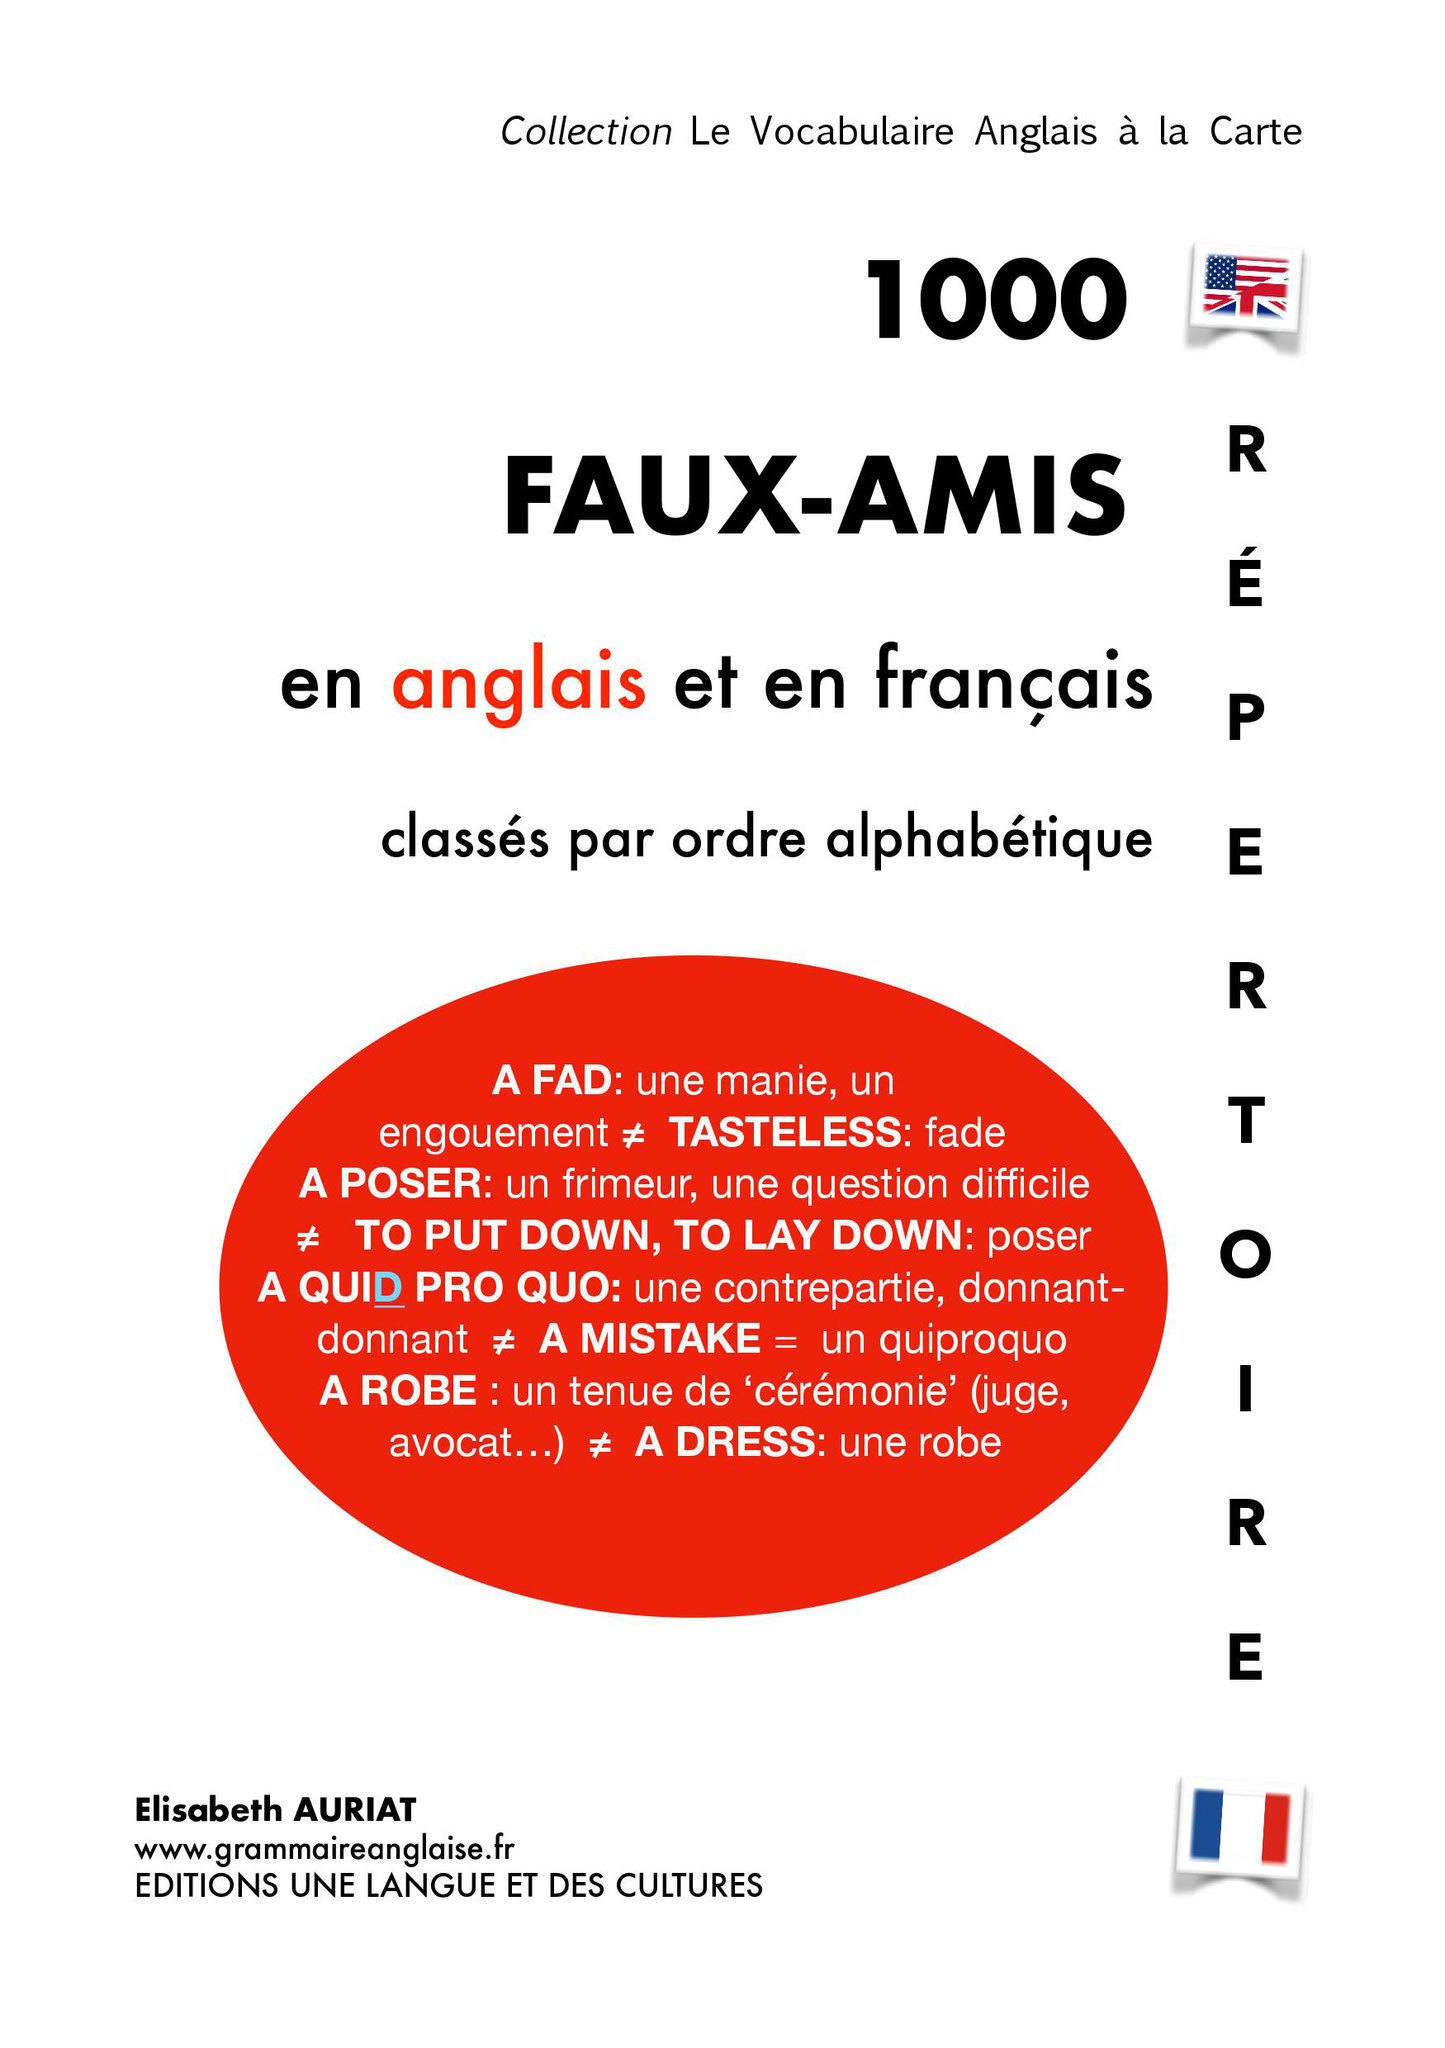 Répertoire de 1000 faux-amis en anglais et en français